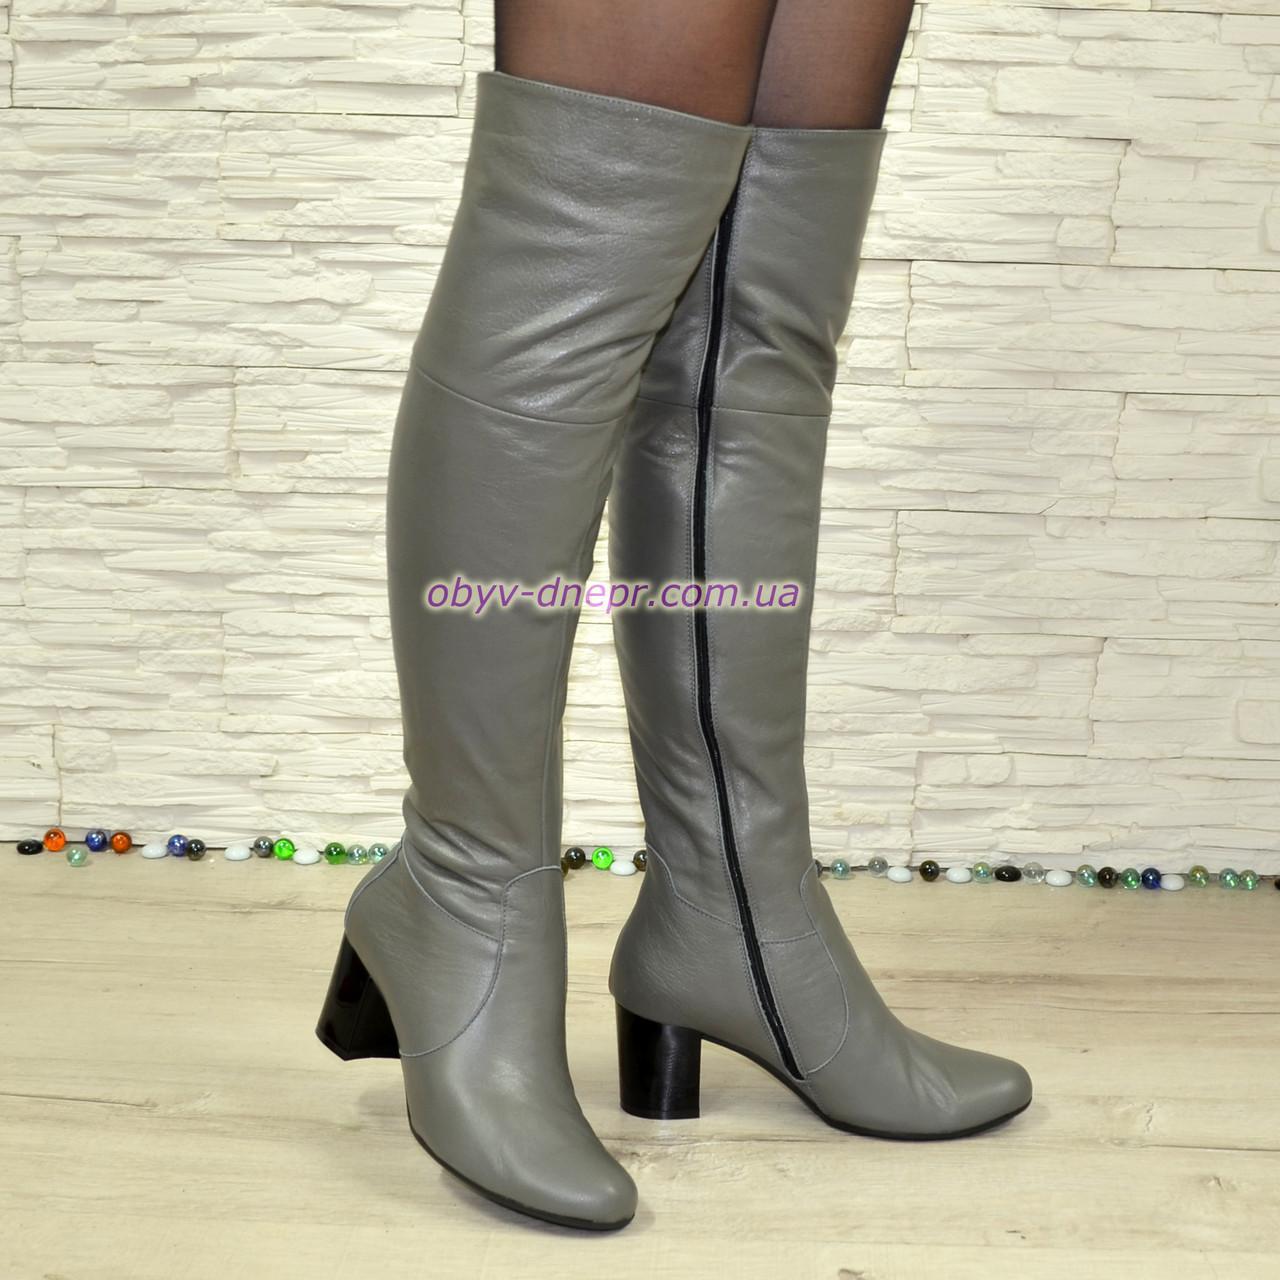 Ботфорты   кожаные на устойчивом каблуке, цвет серый